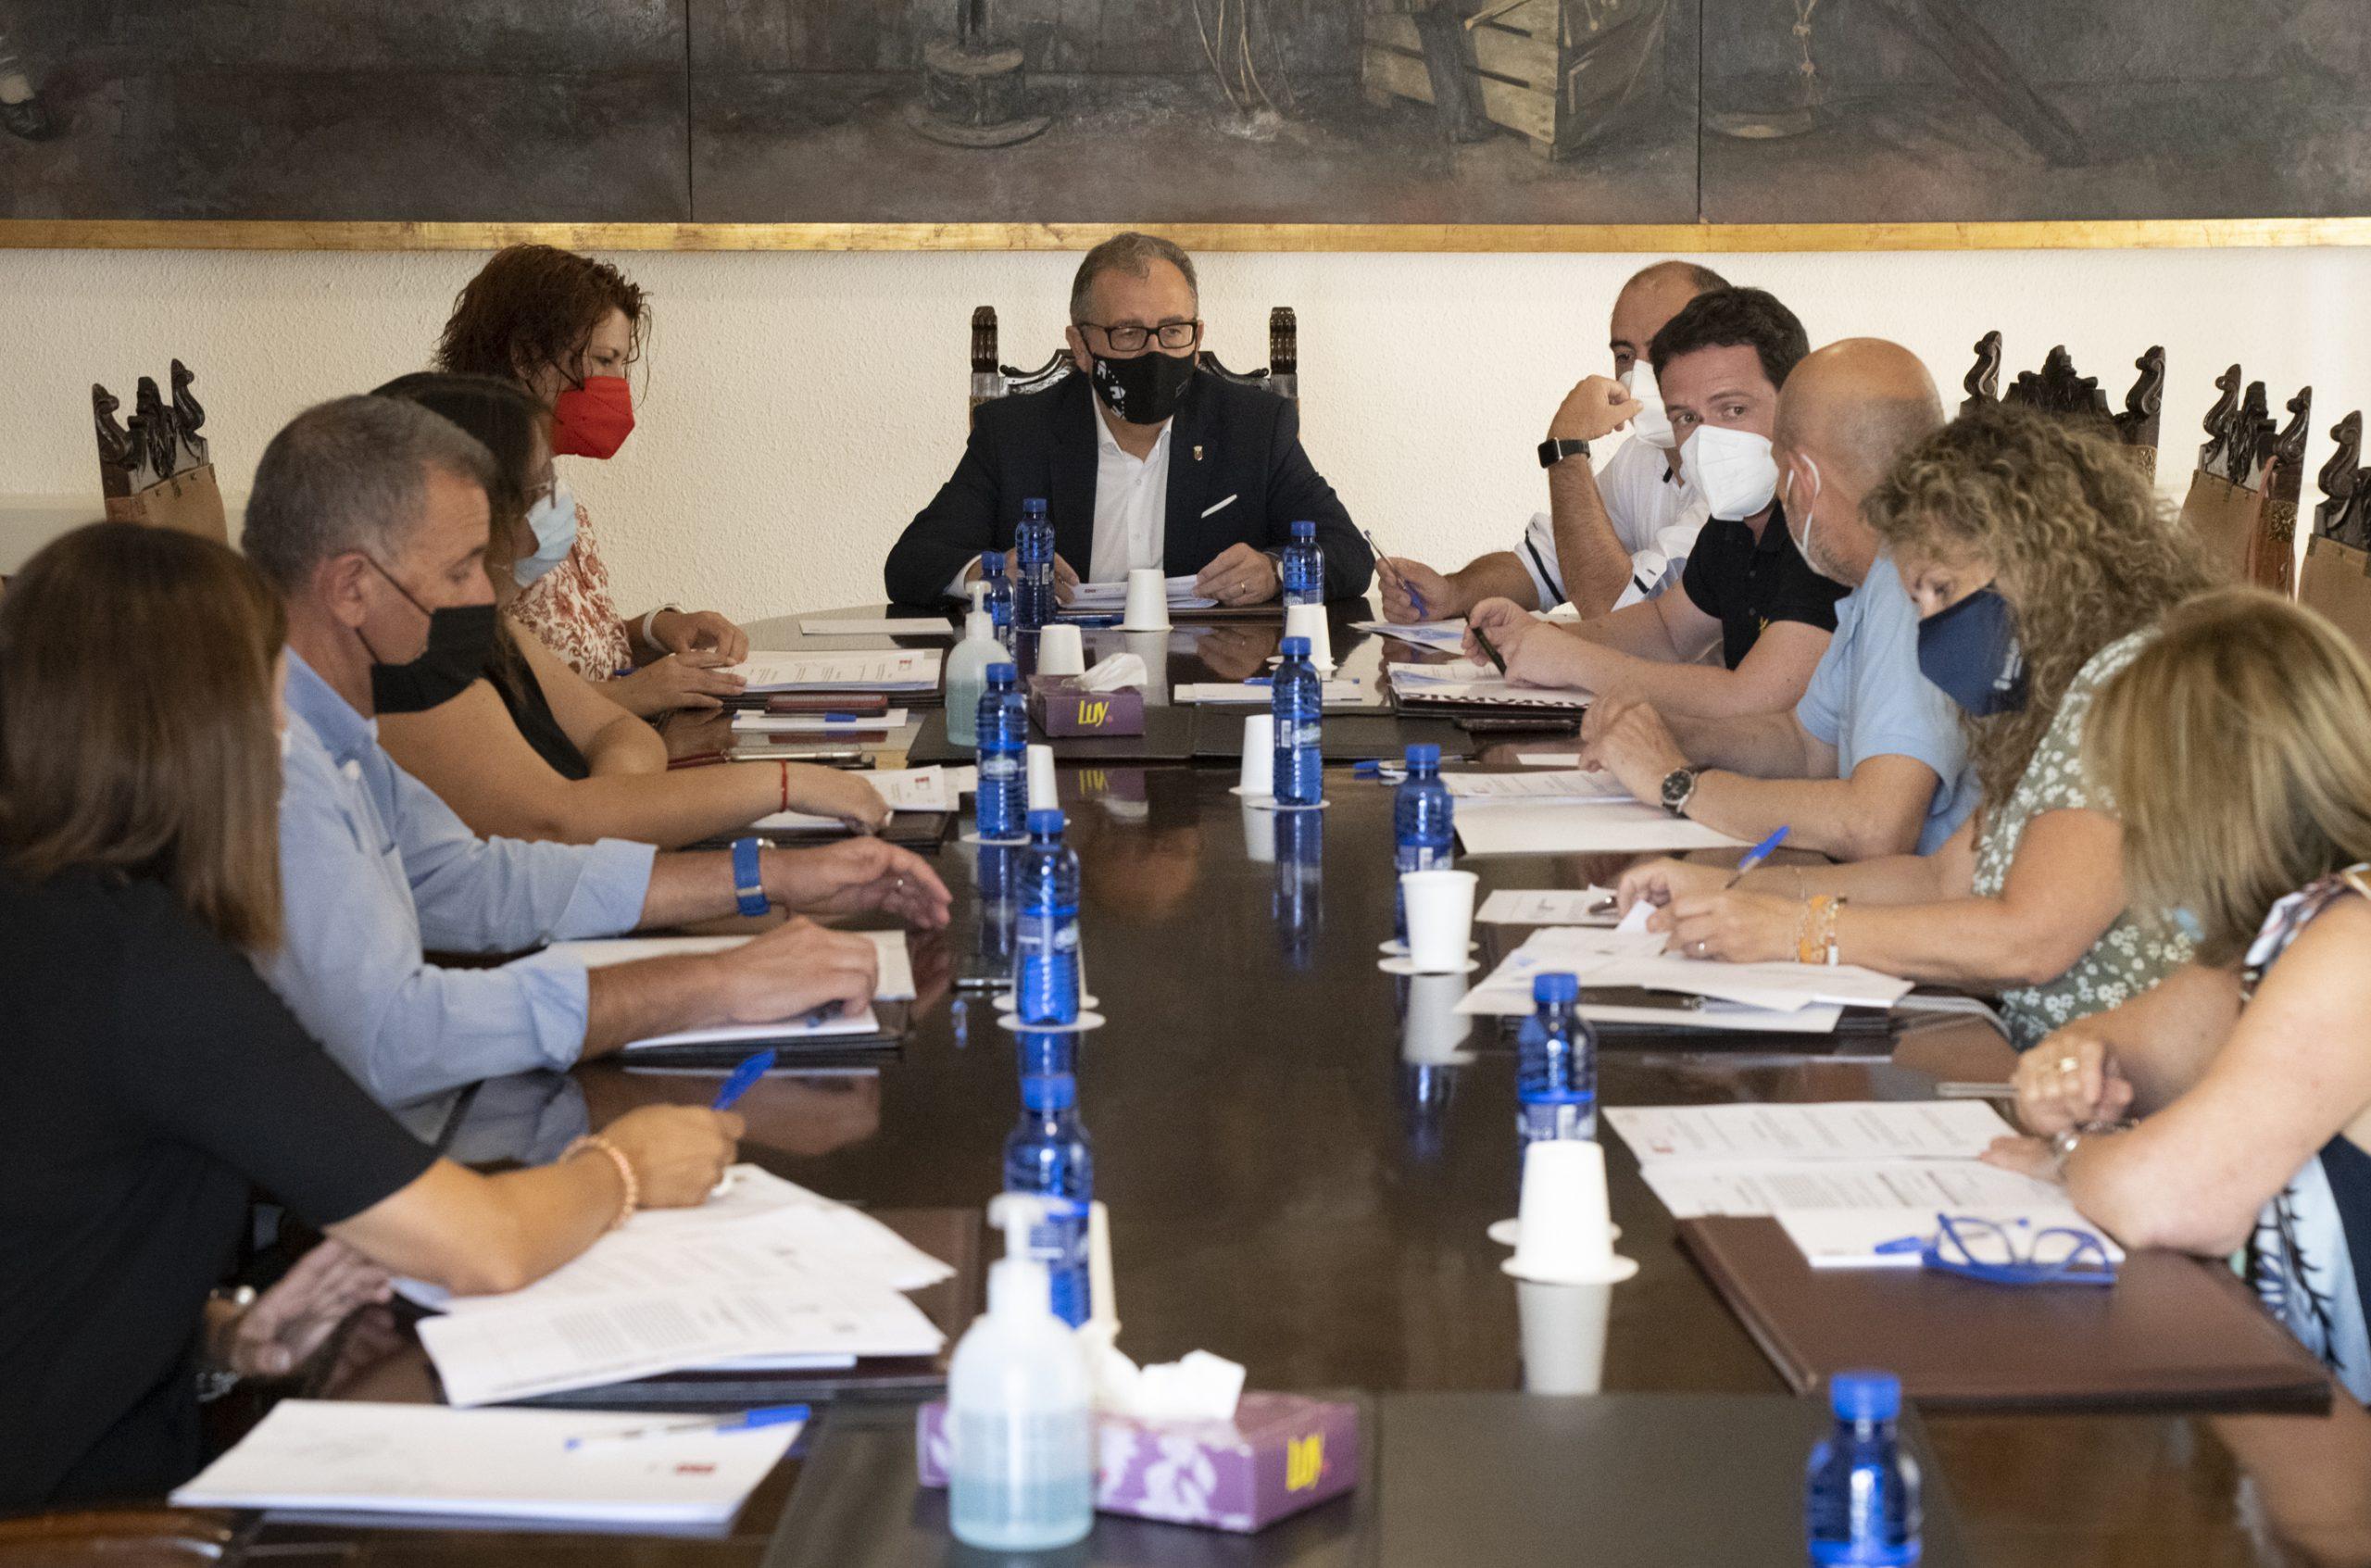 El equipo de gobierno de José Martí propone una declaración institucional sobre el Hospital Provincial en la que se apuesta por el diálogo